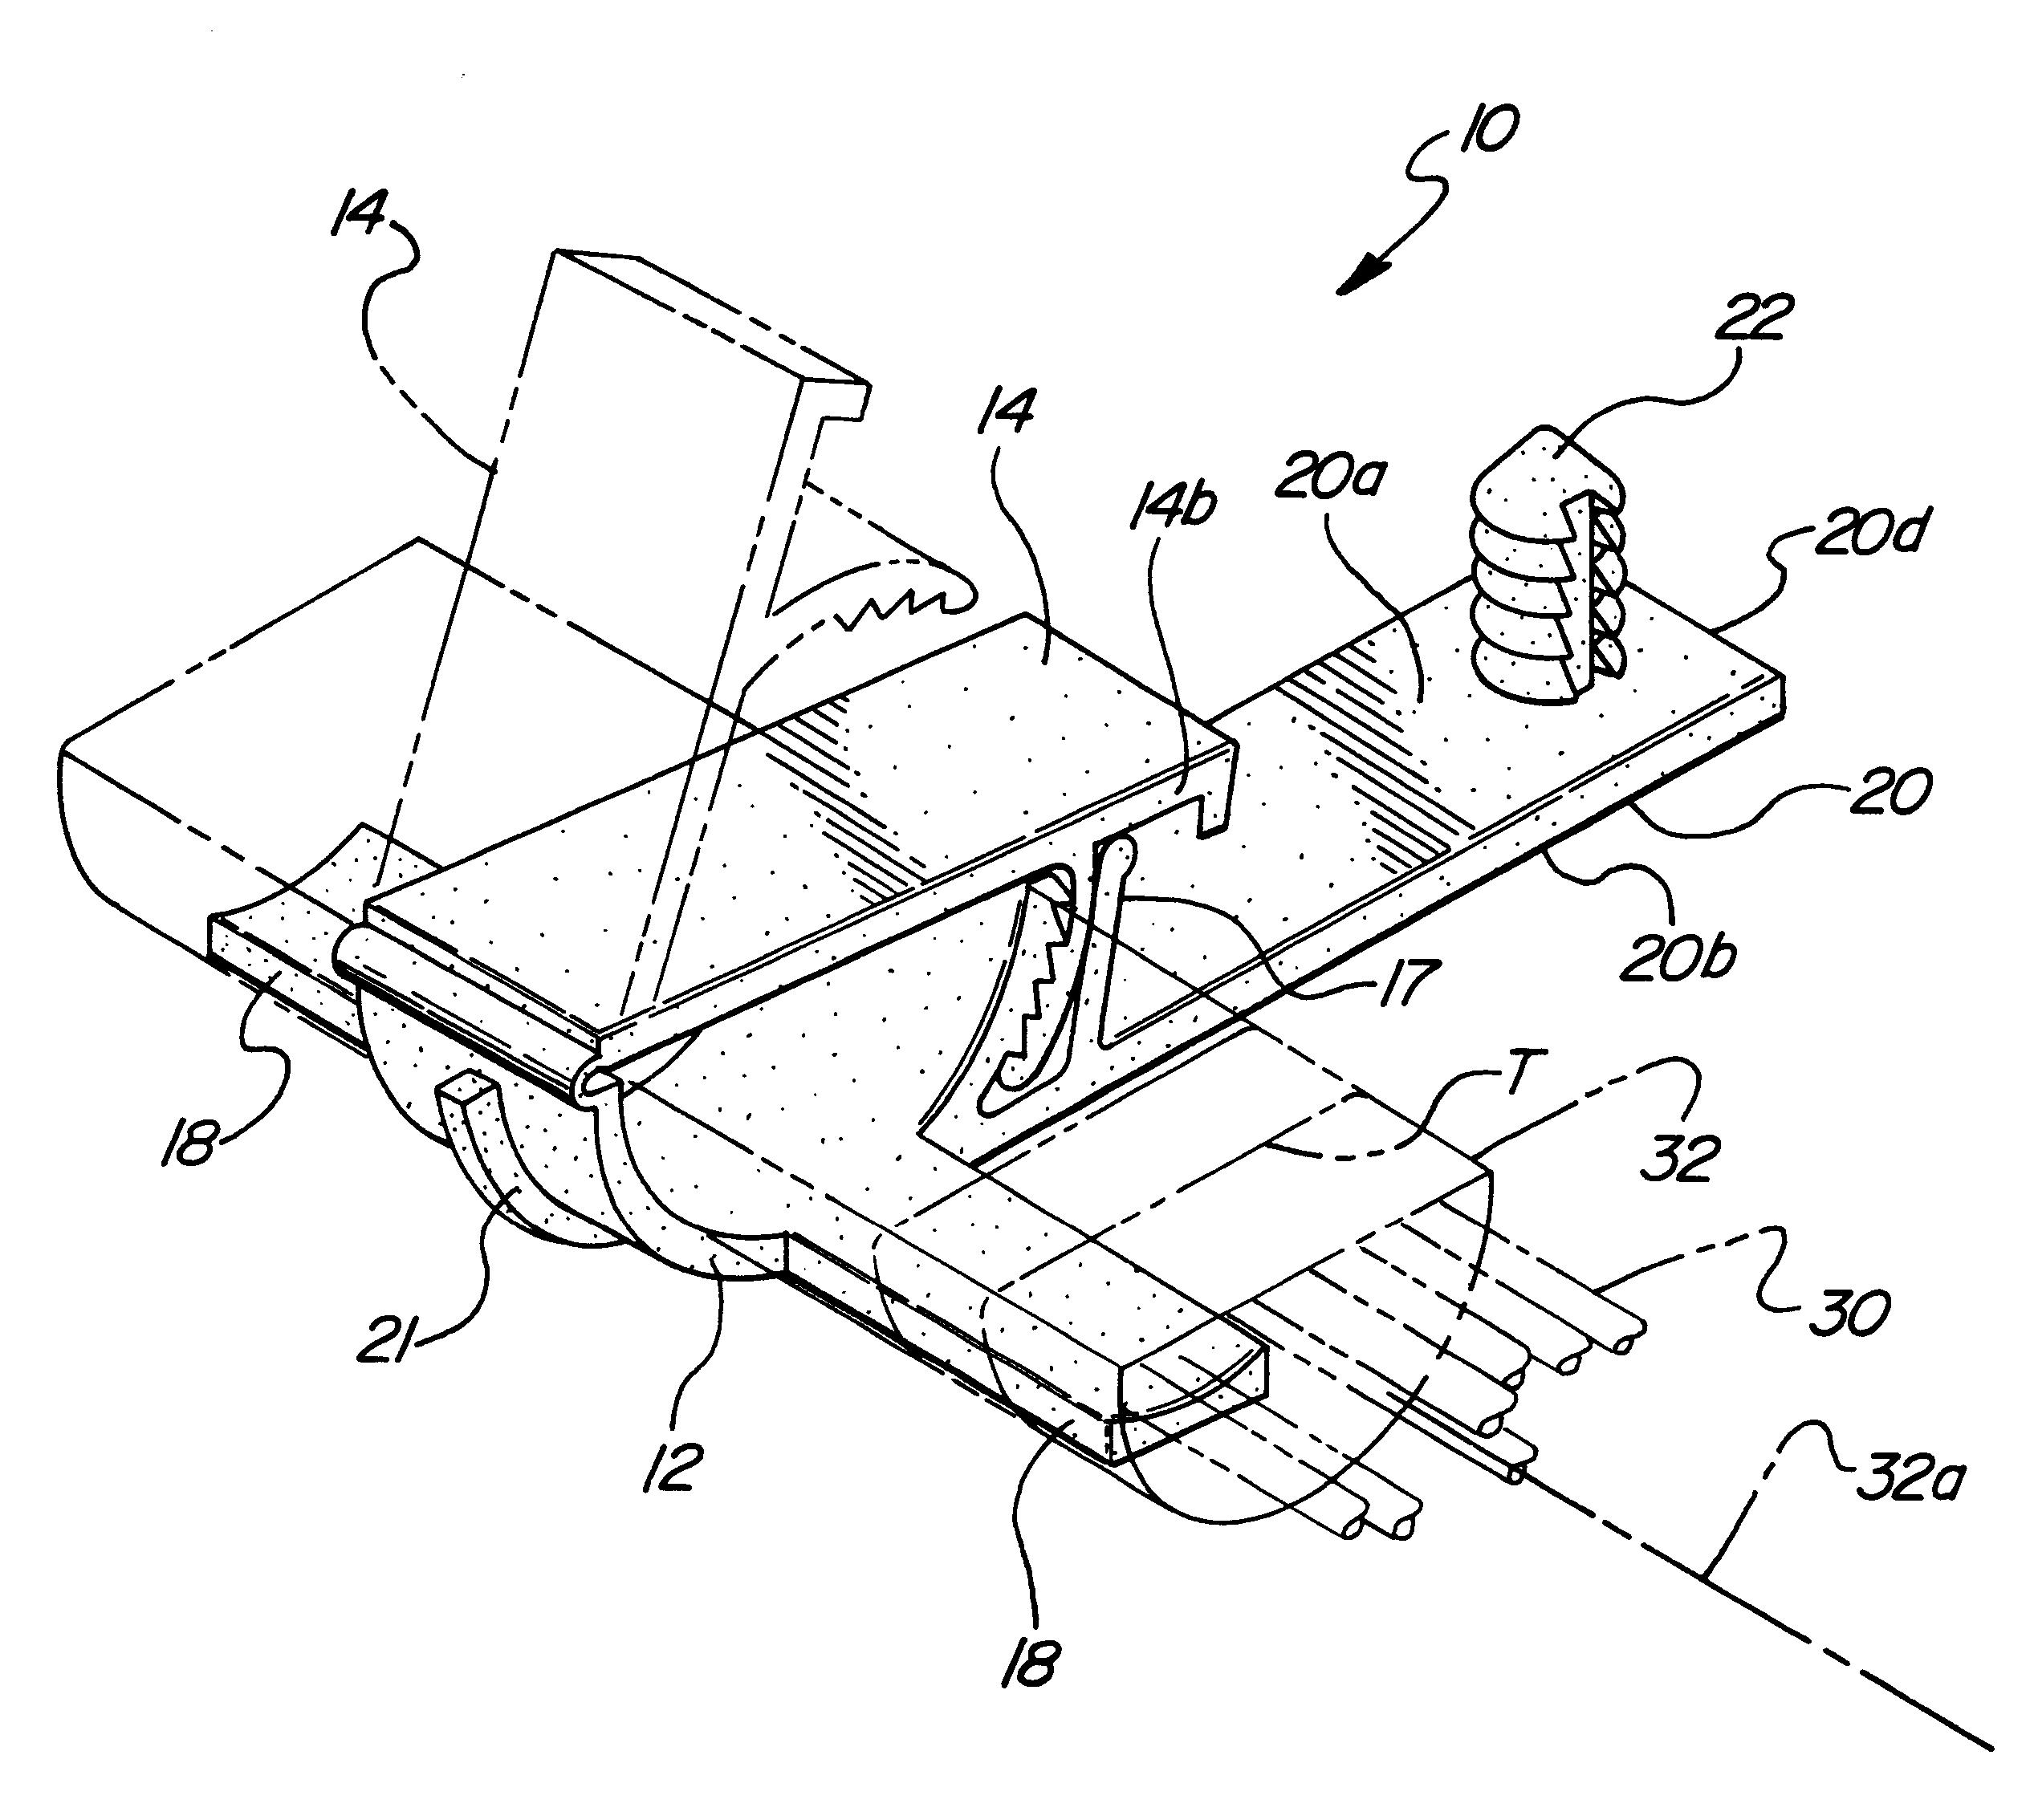 patent us6206331